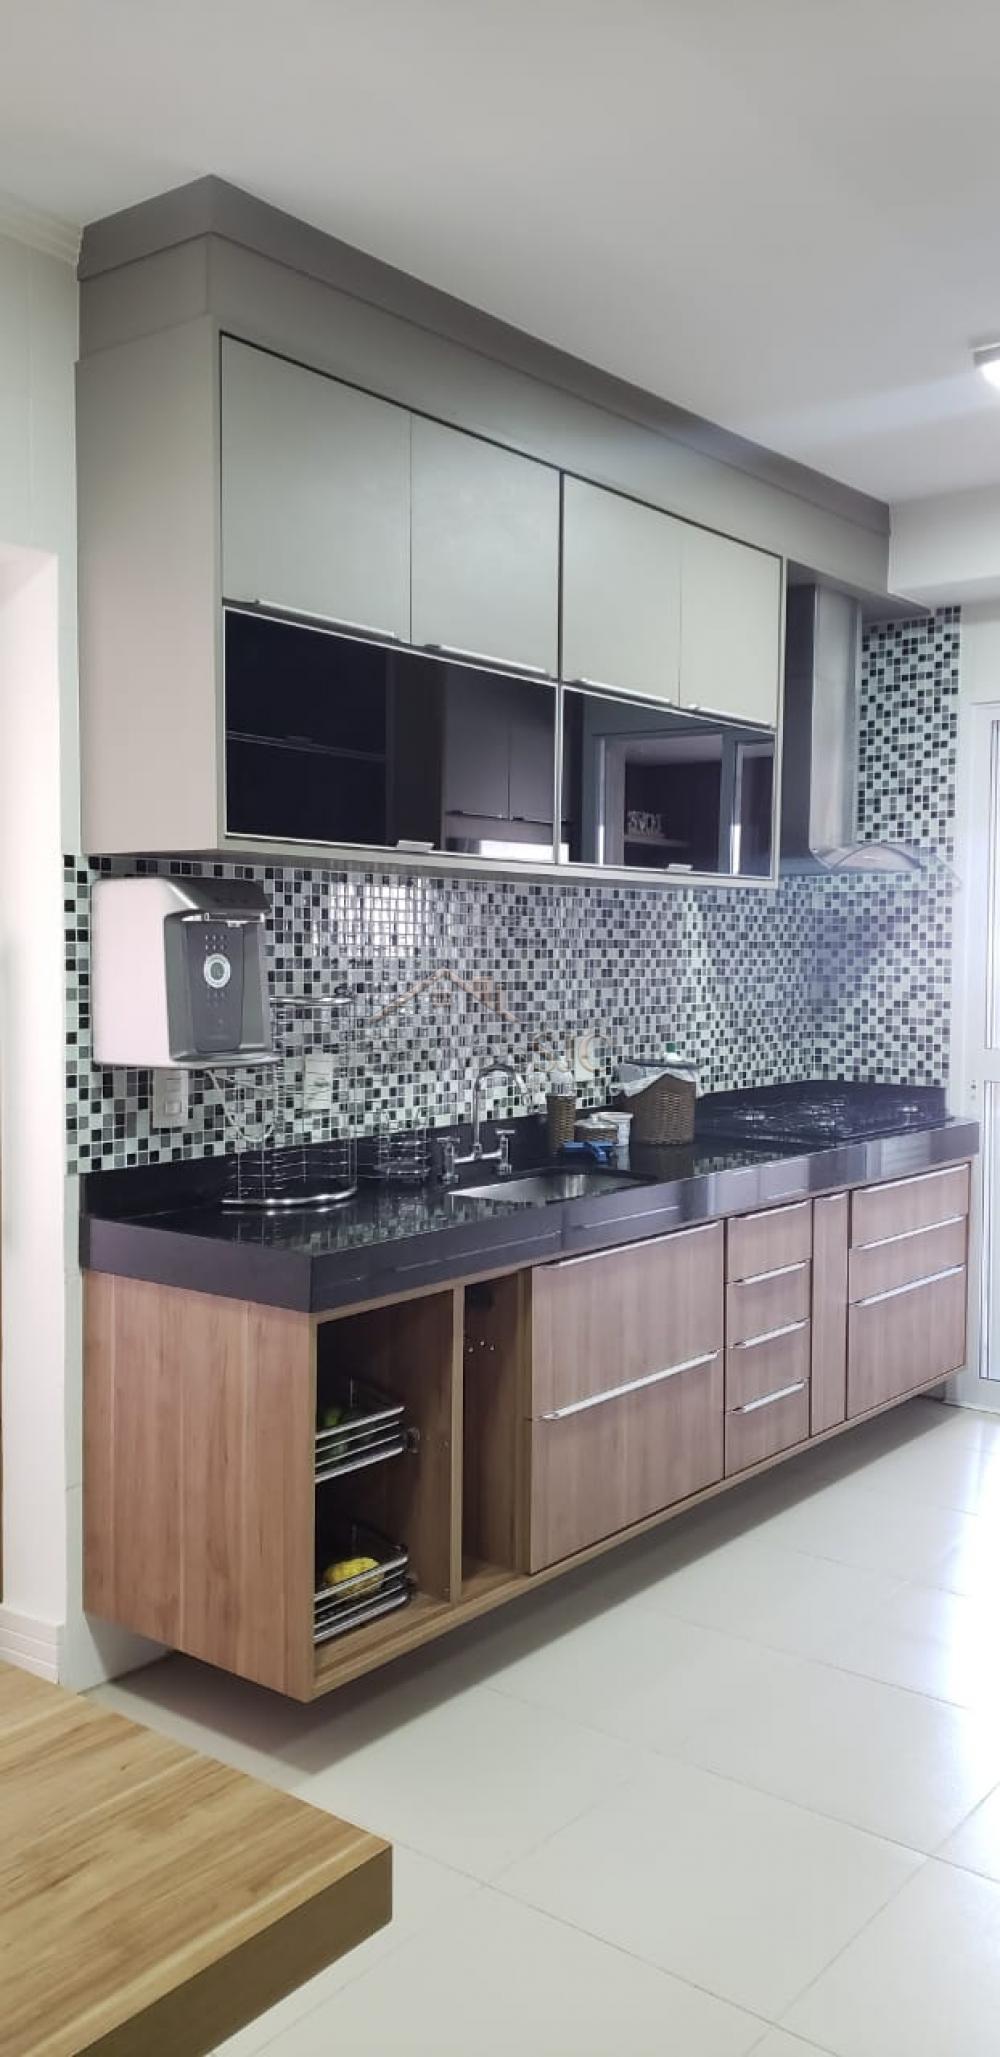 Comprar Apartamentos / Padrão em São José dos Campos apenas R$ 1.200.000,00 - Foto 12